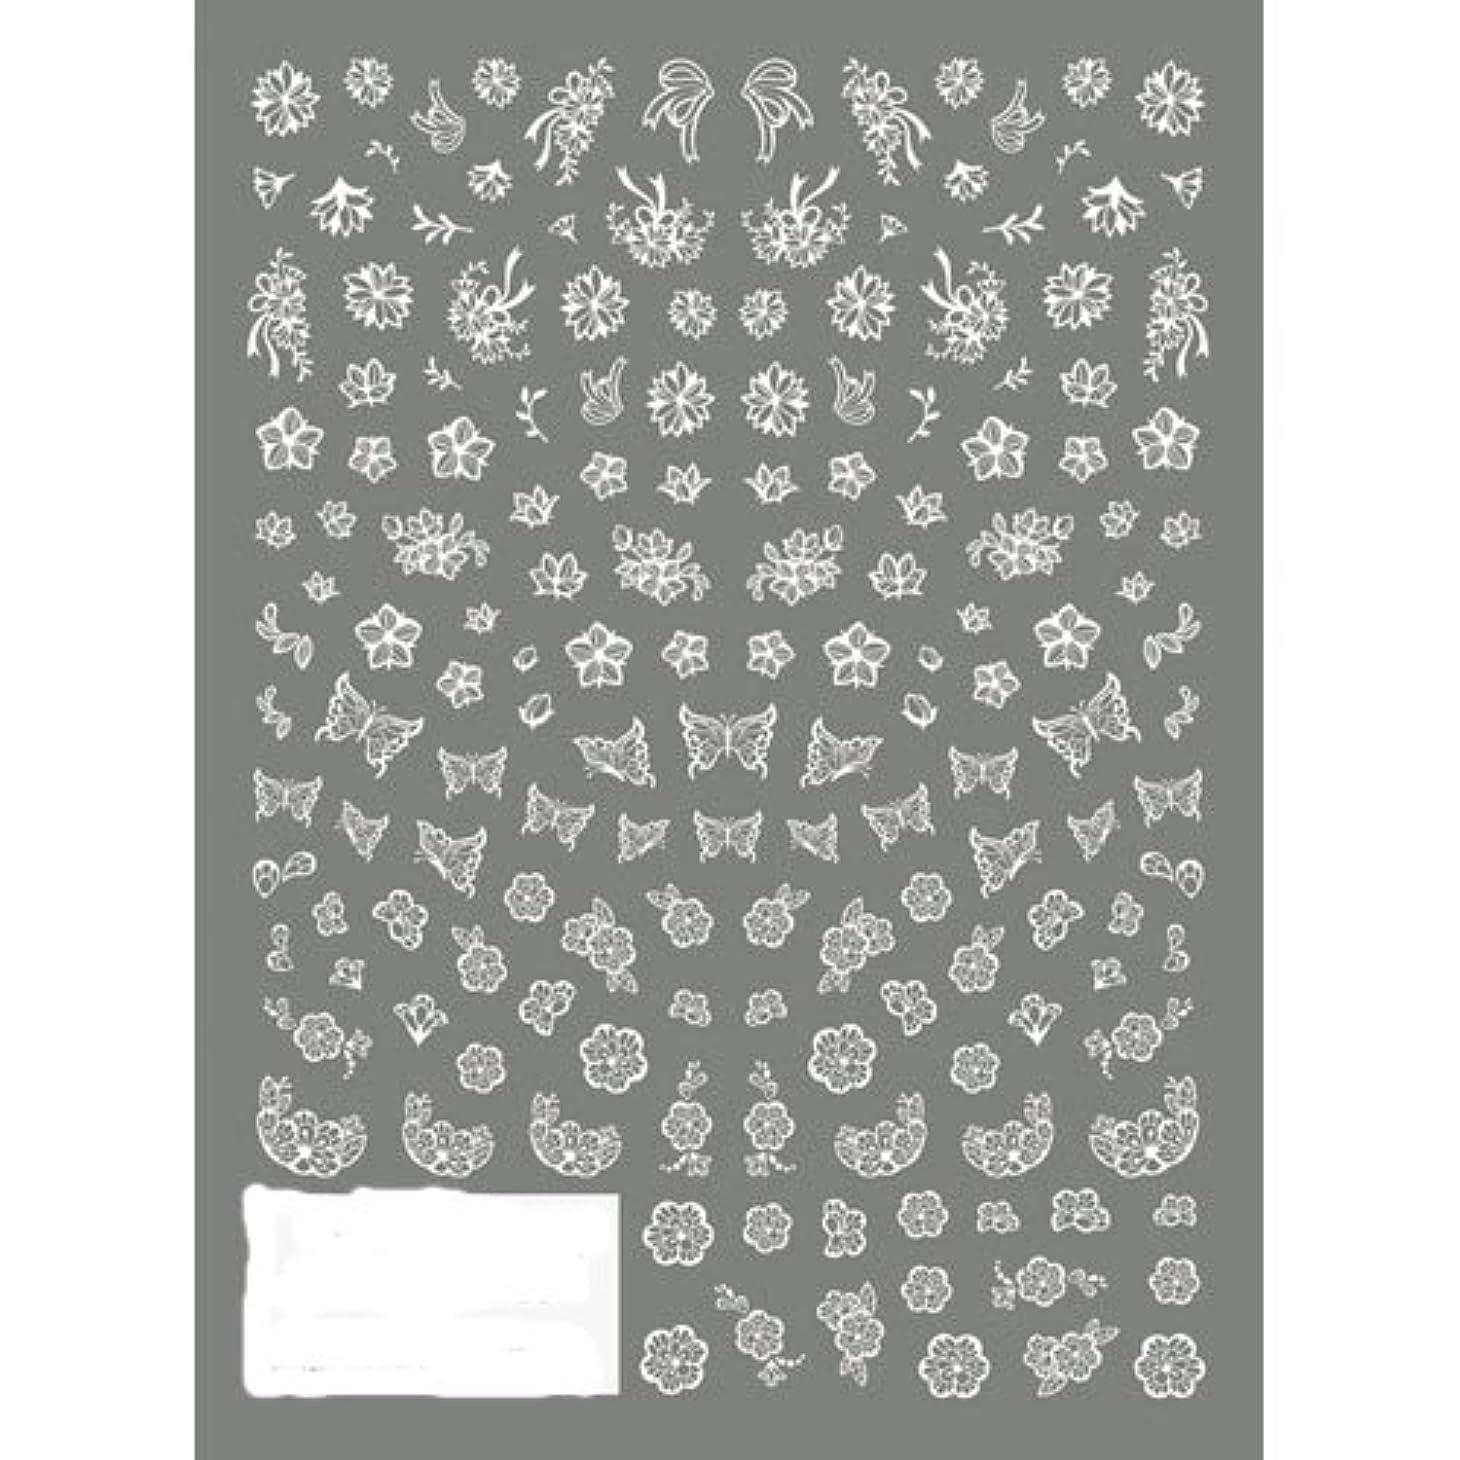 慈悲アノイ目覚めるTSUMEKIRA(ツメキラ) ネイルシール 切り絵 フラワー&バタフライ ホワイト NN-KRE-201